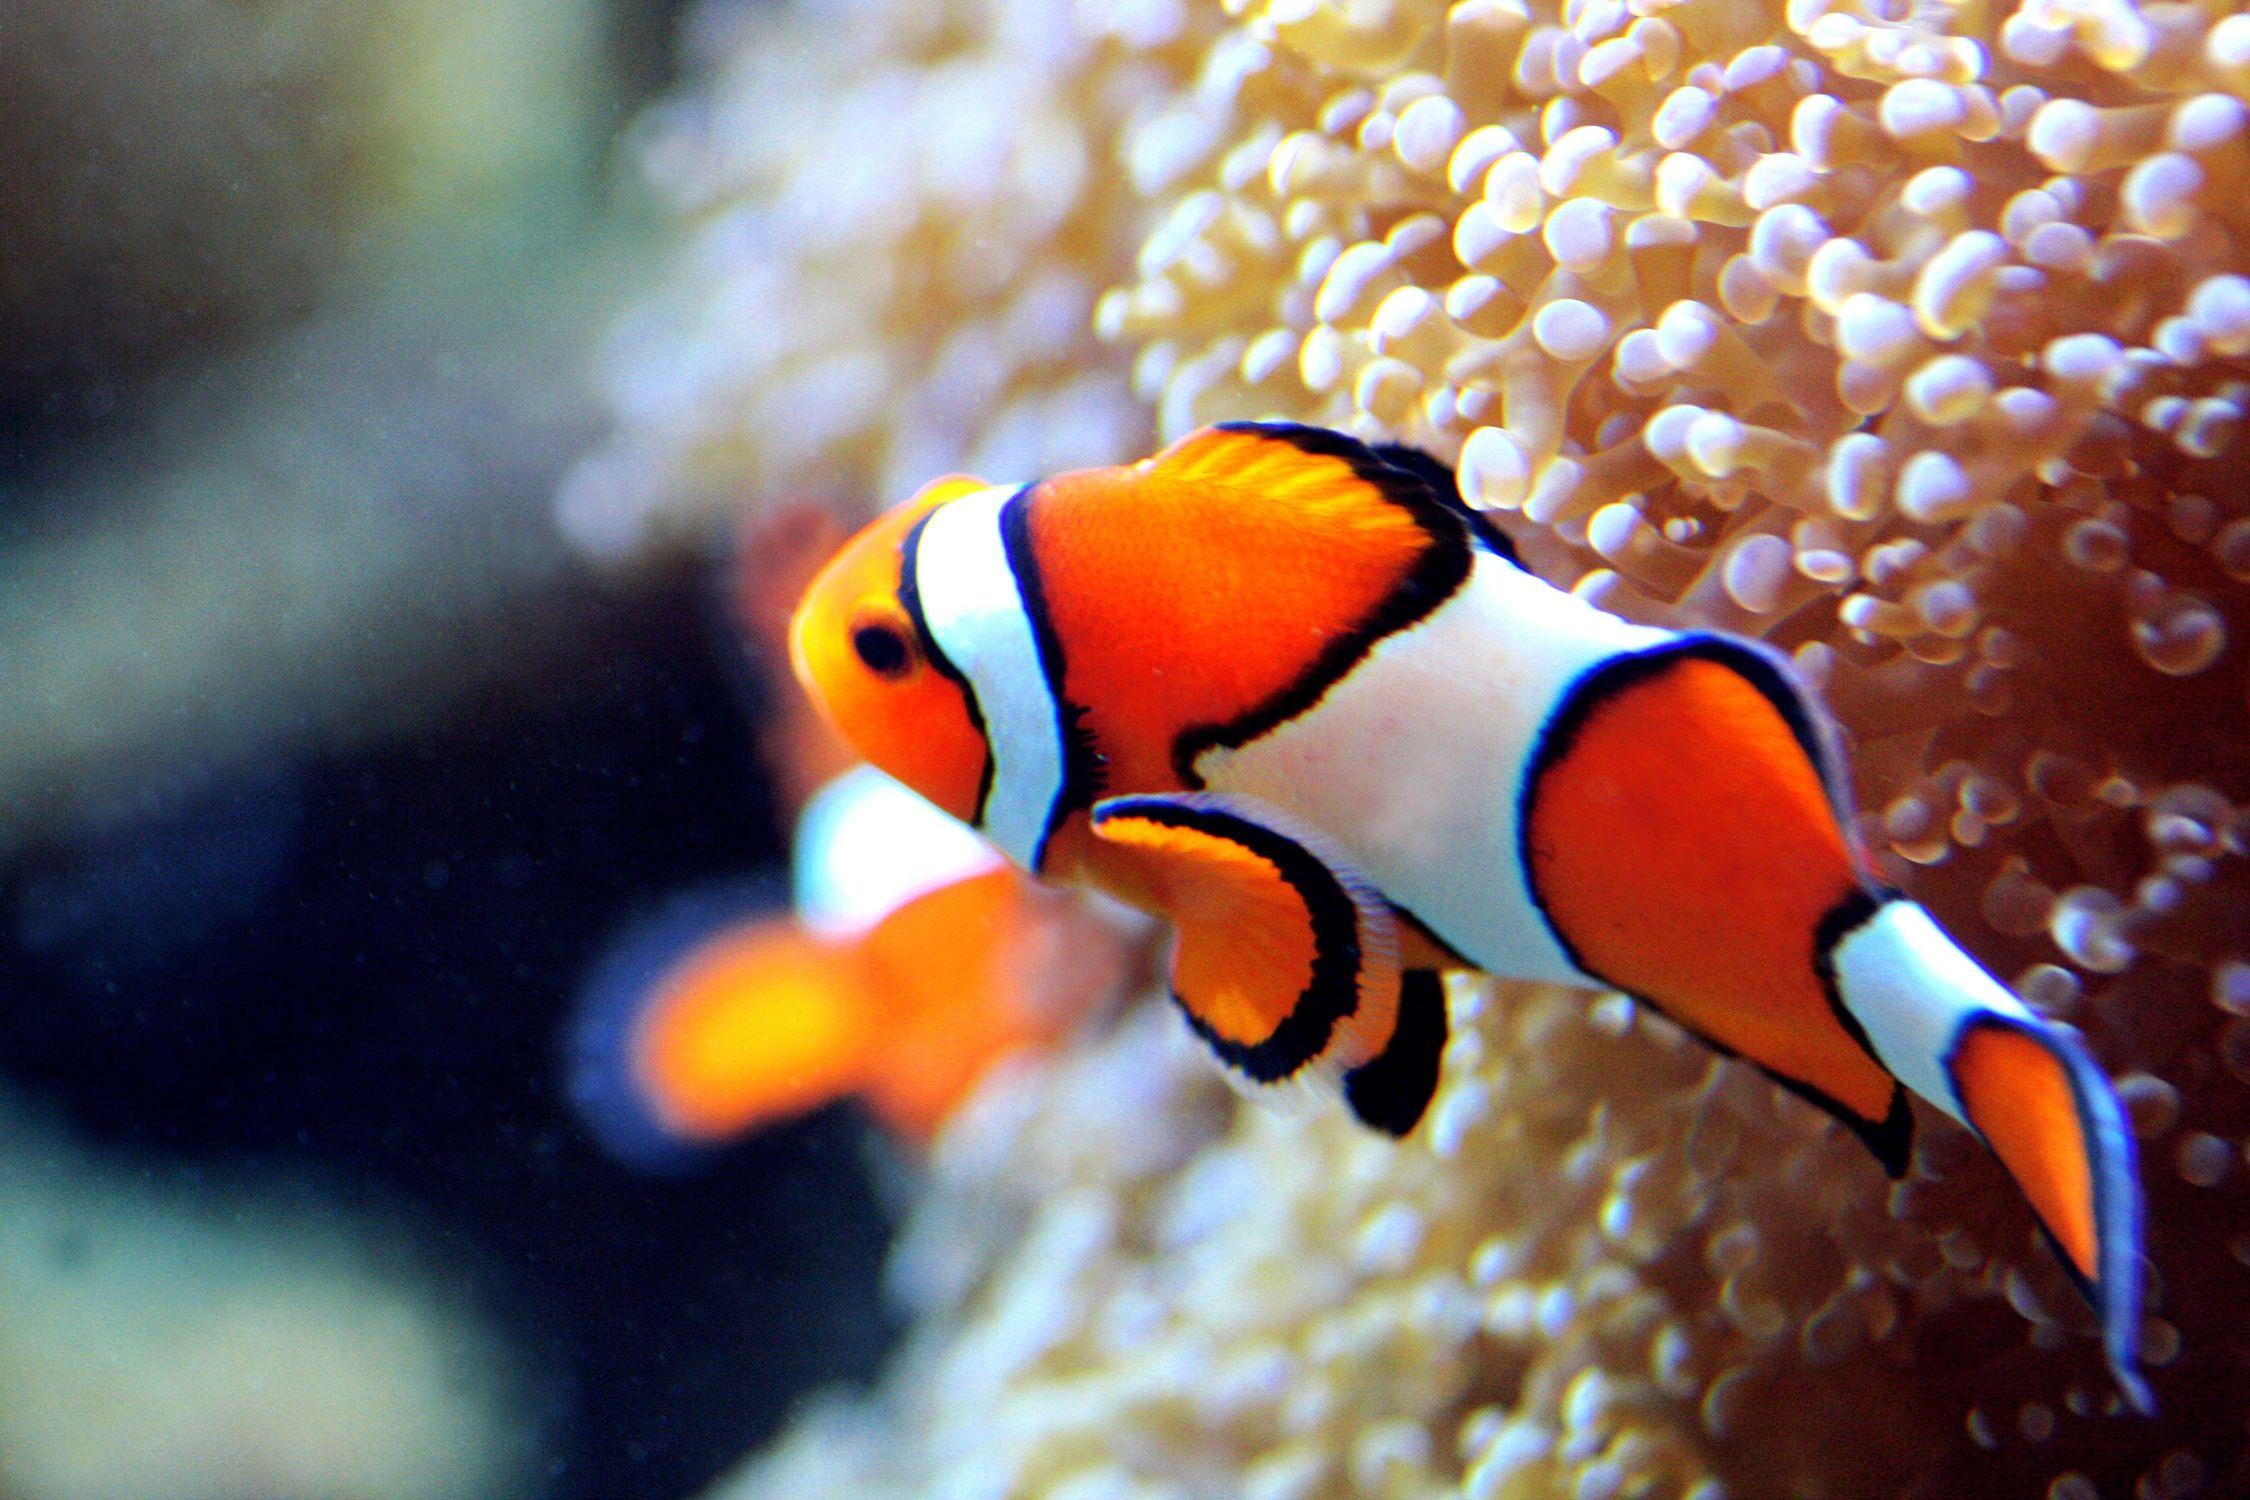 Bild mit Tiere, Natur, Landschaften, Nesseltiere, Korallen, Fische, Fische, Barsche, Unterwasser, Riffs, Anemonenfische, Clownfische, Krebse und Weichtiere